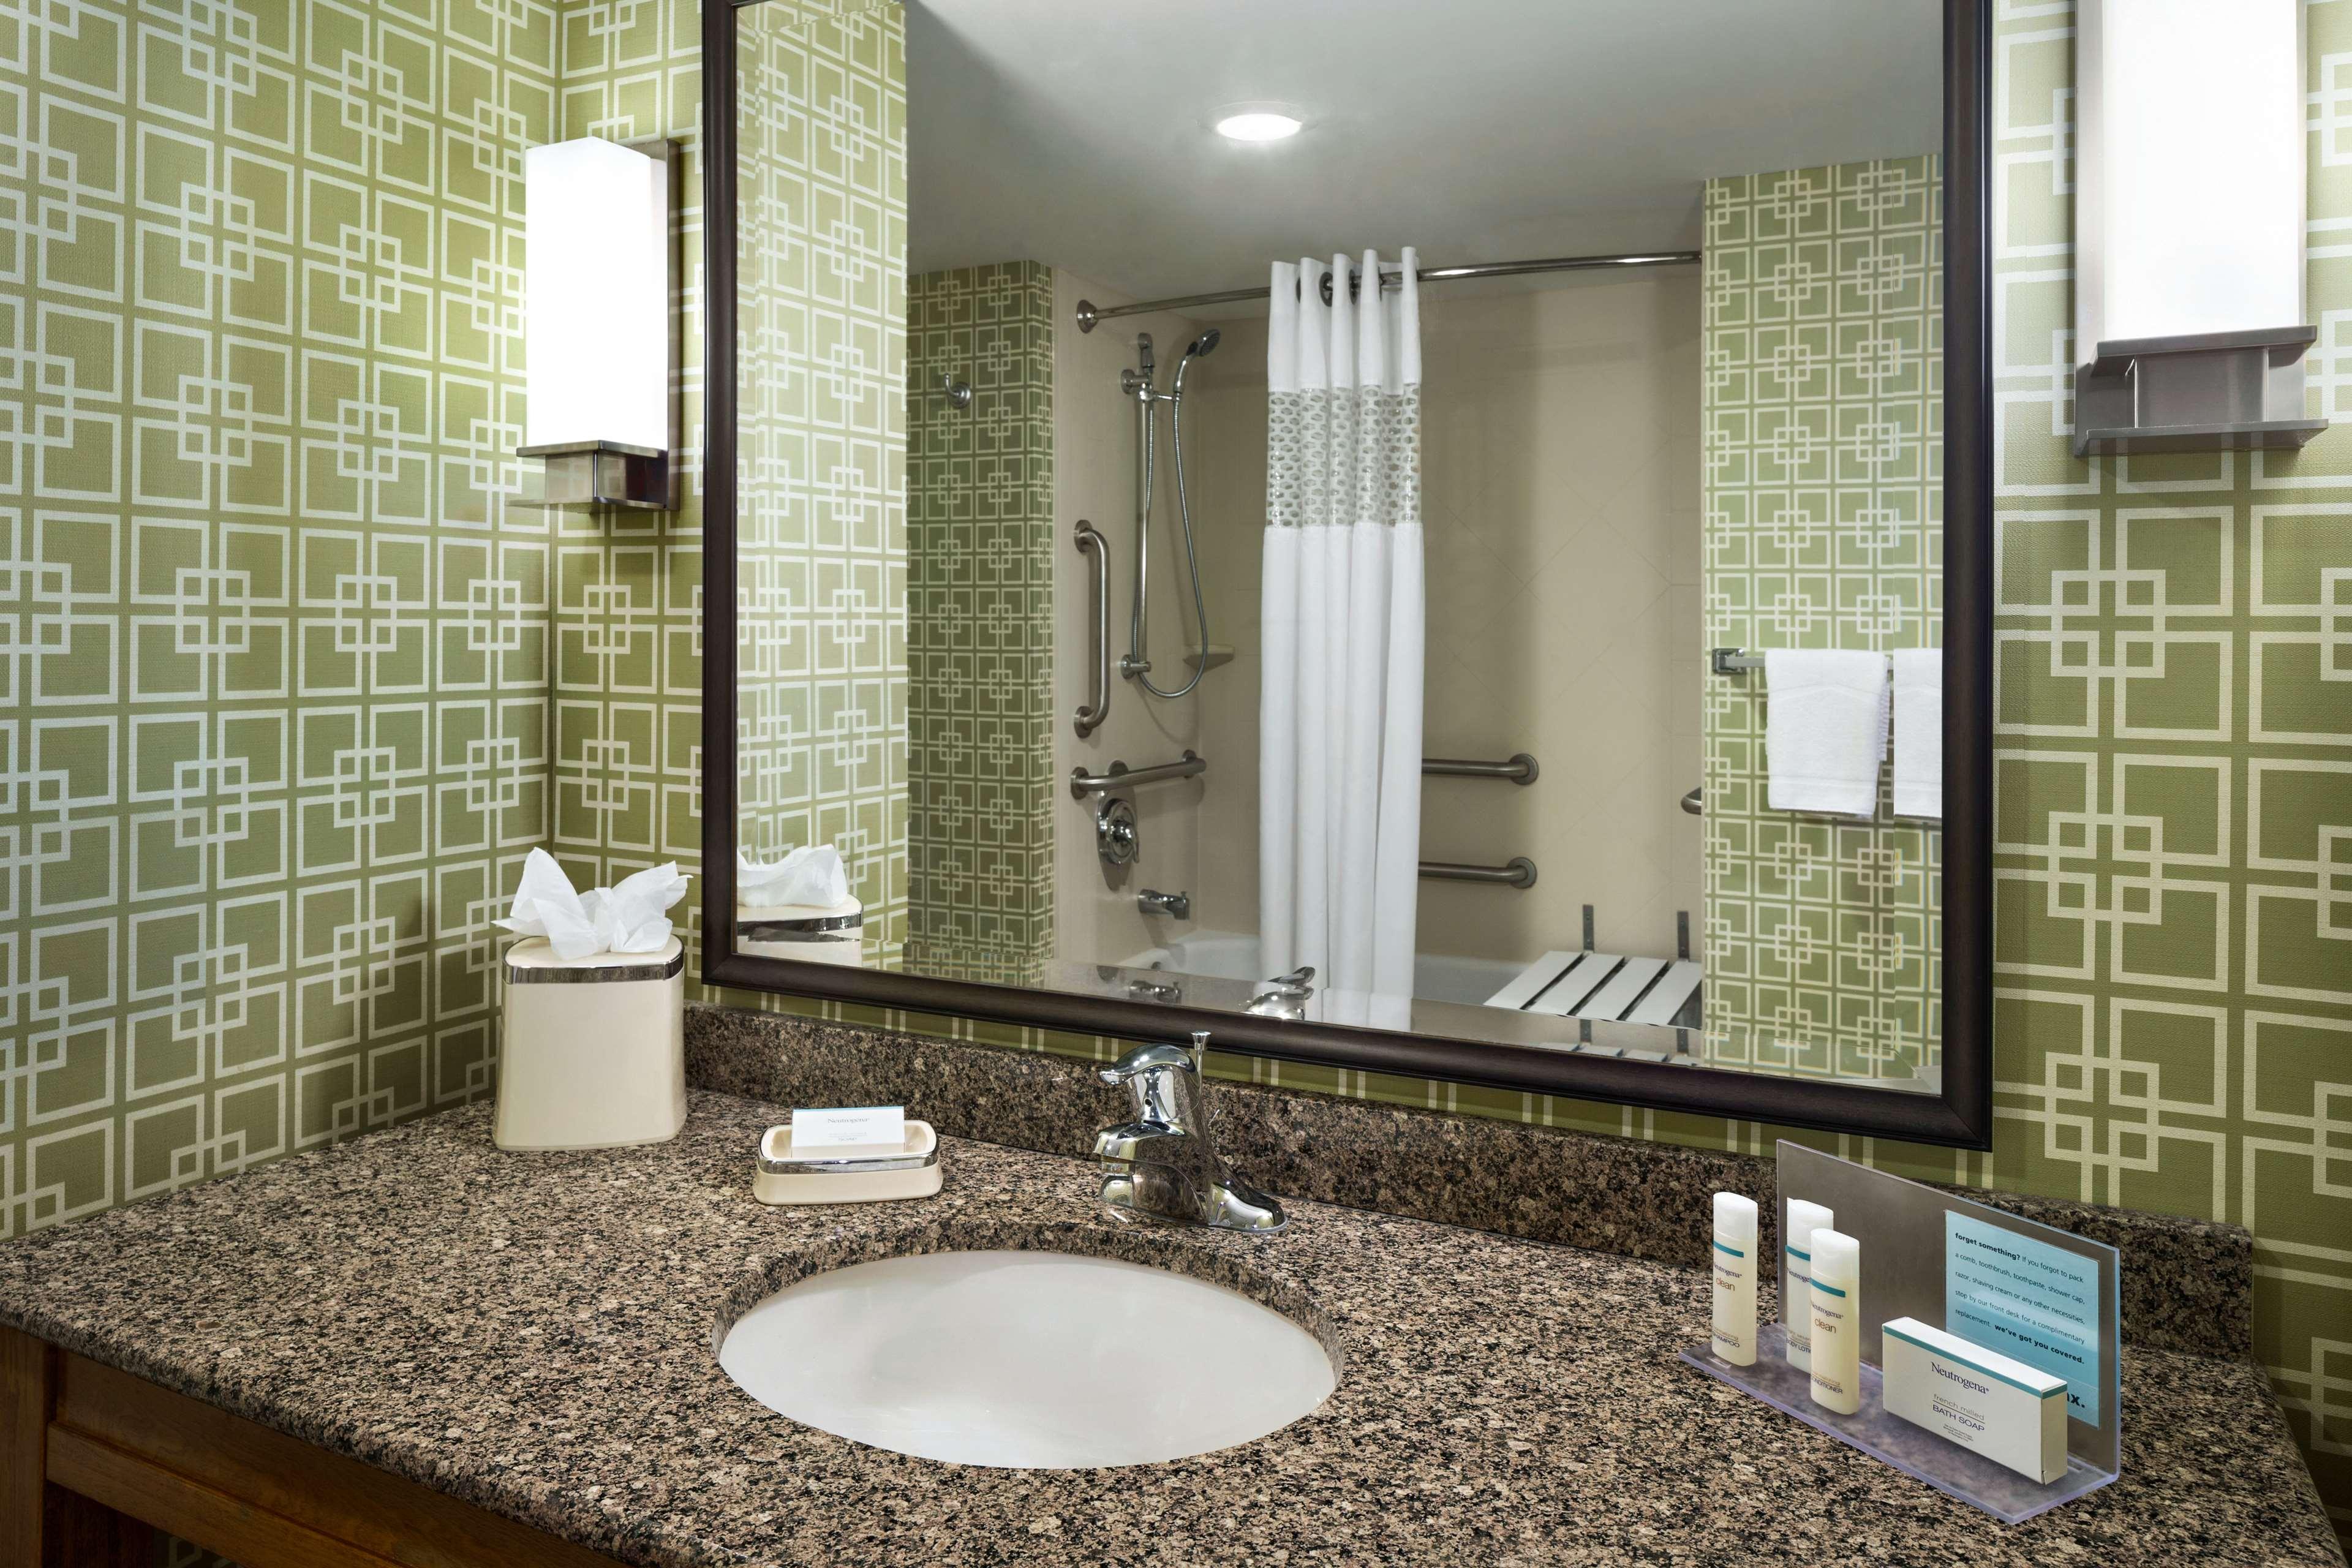 Hampton Inn and Suites Clayton/St Louis-Galleria Area image 16